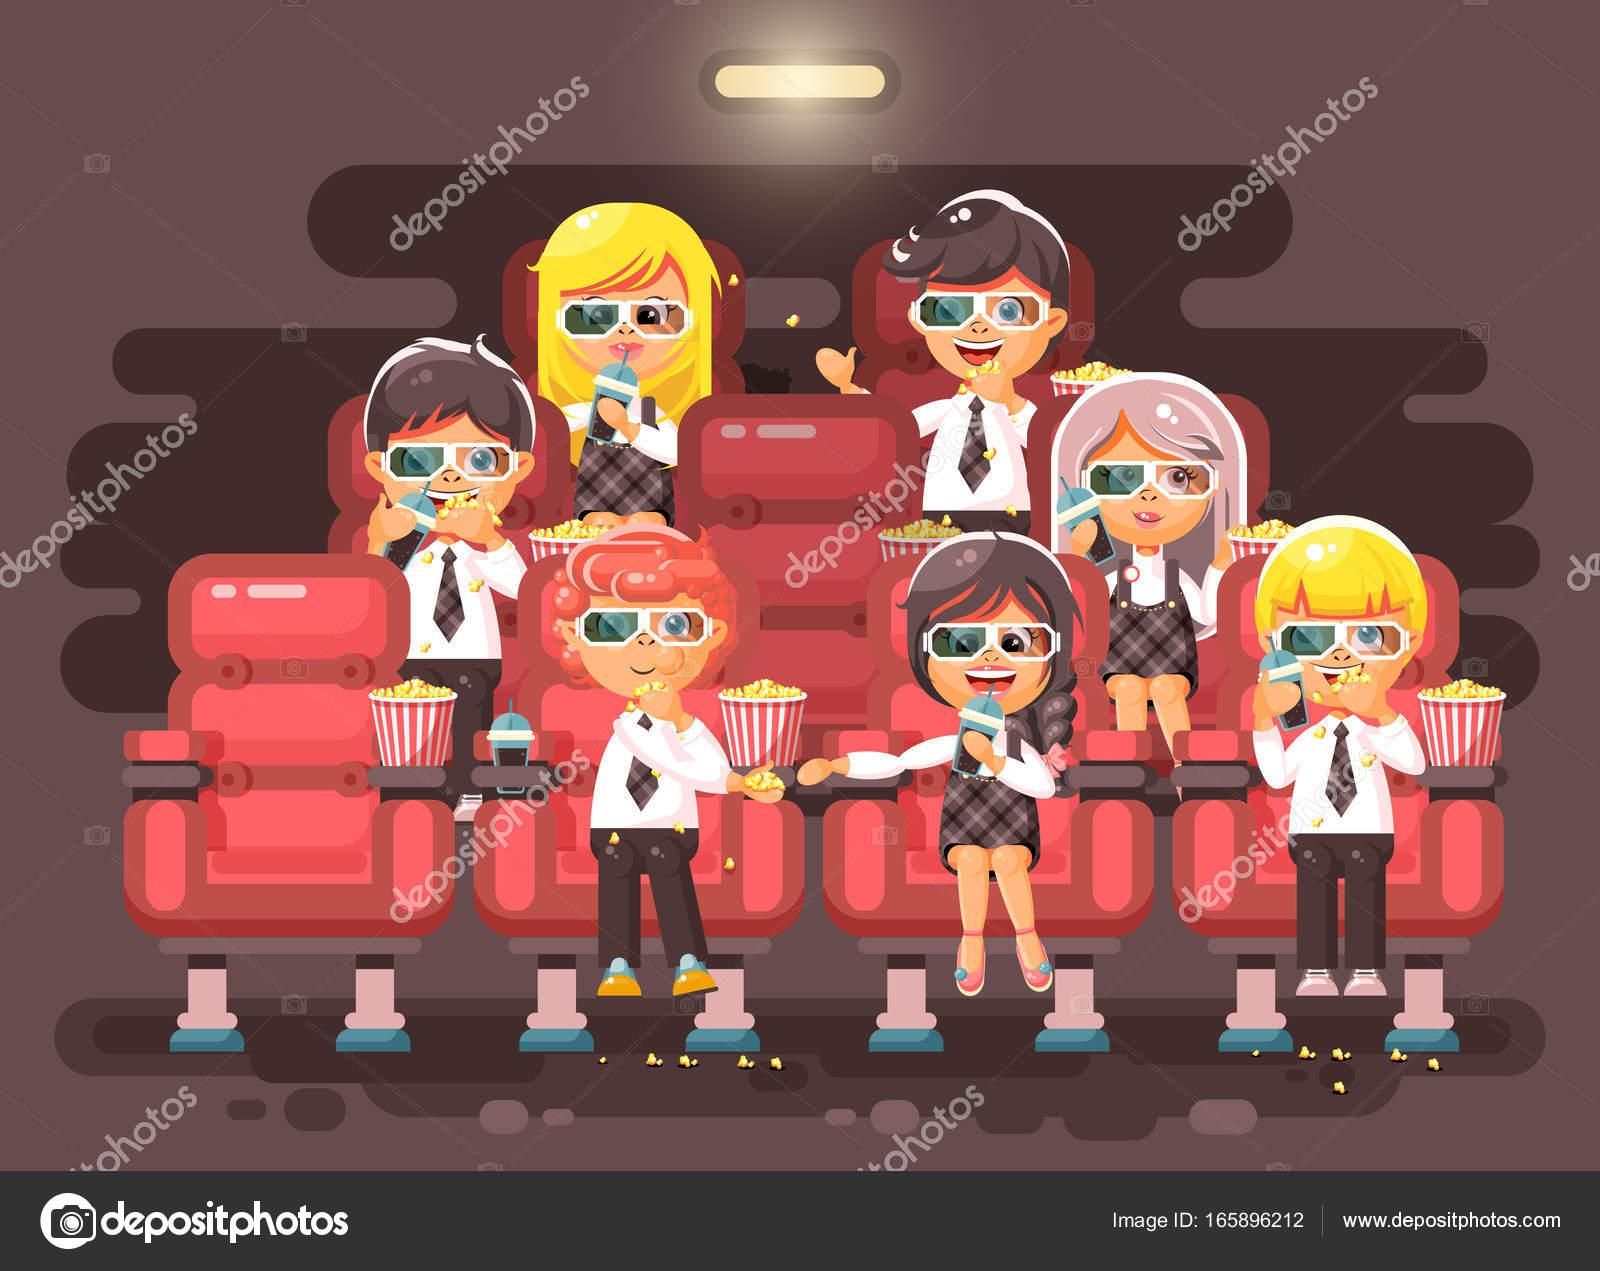 Personaggi dei cartoni animati di illustrazione vettoriale bambini